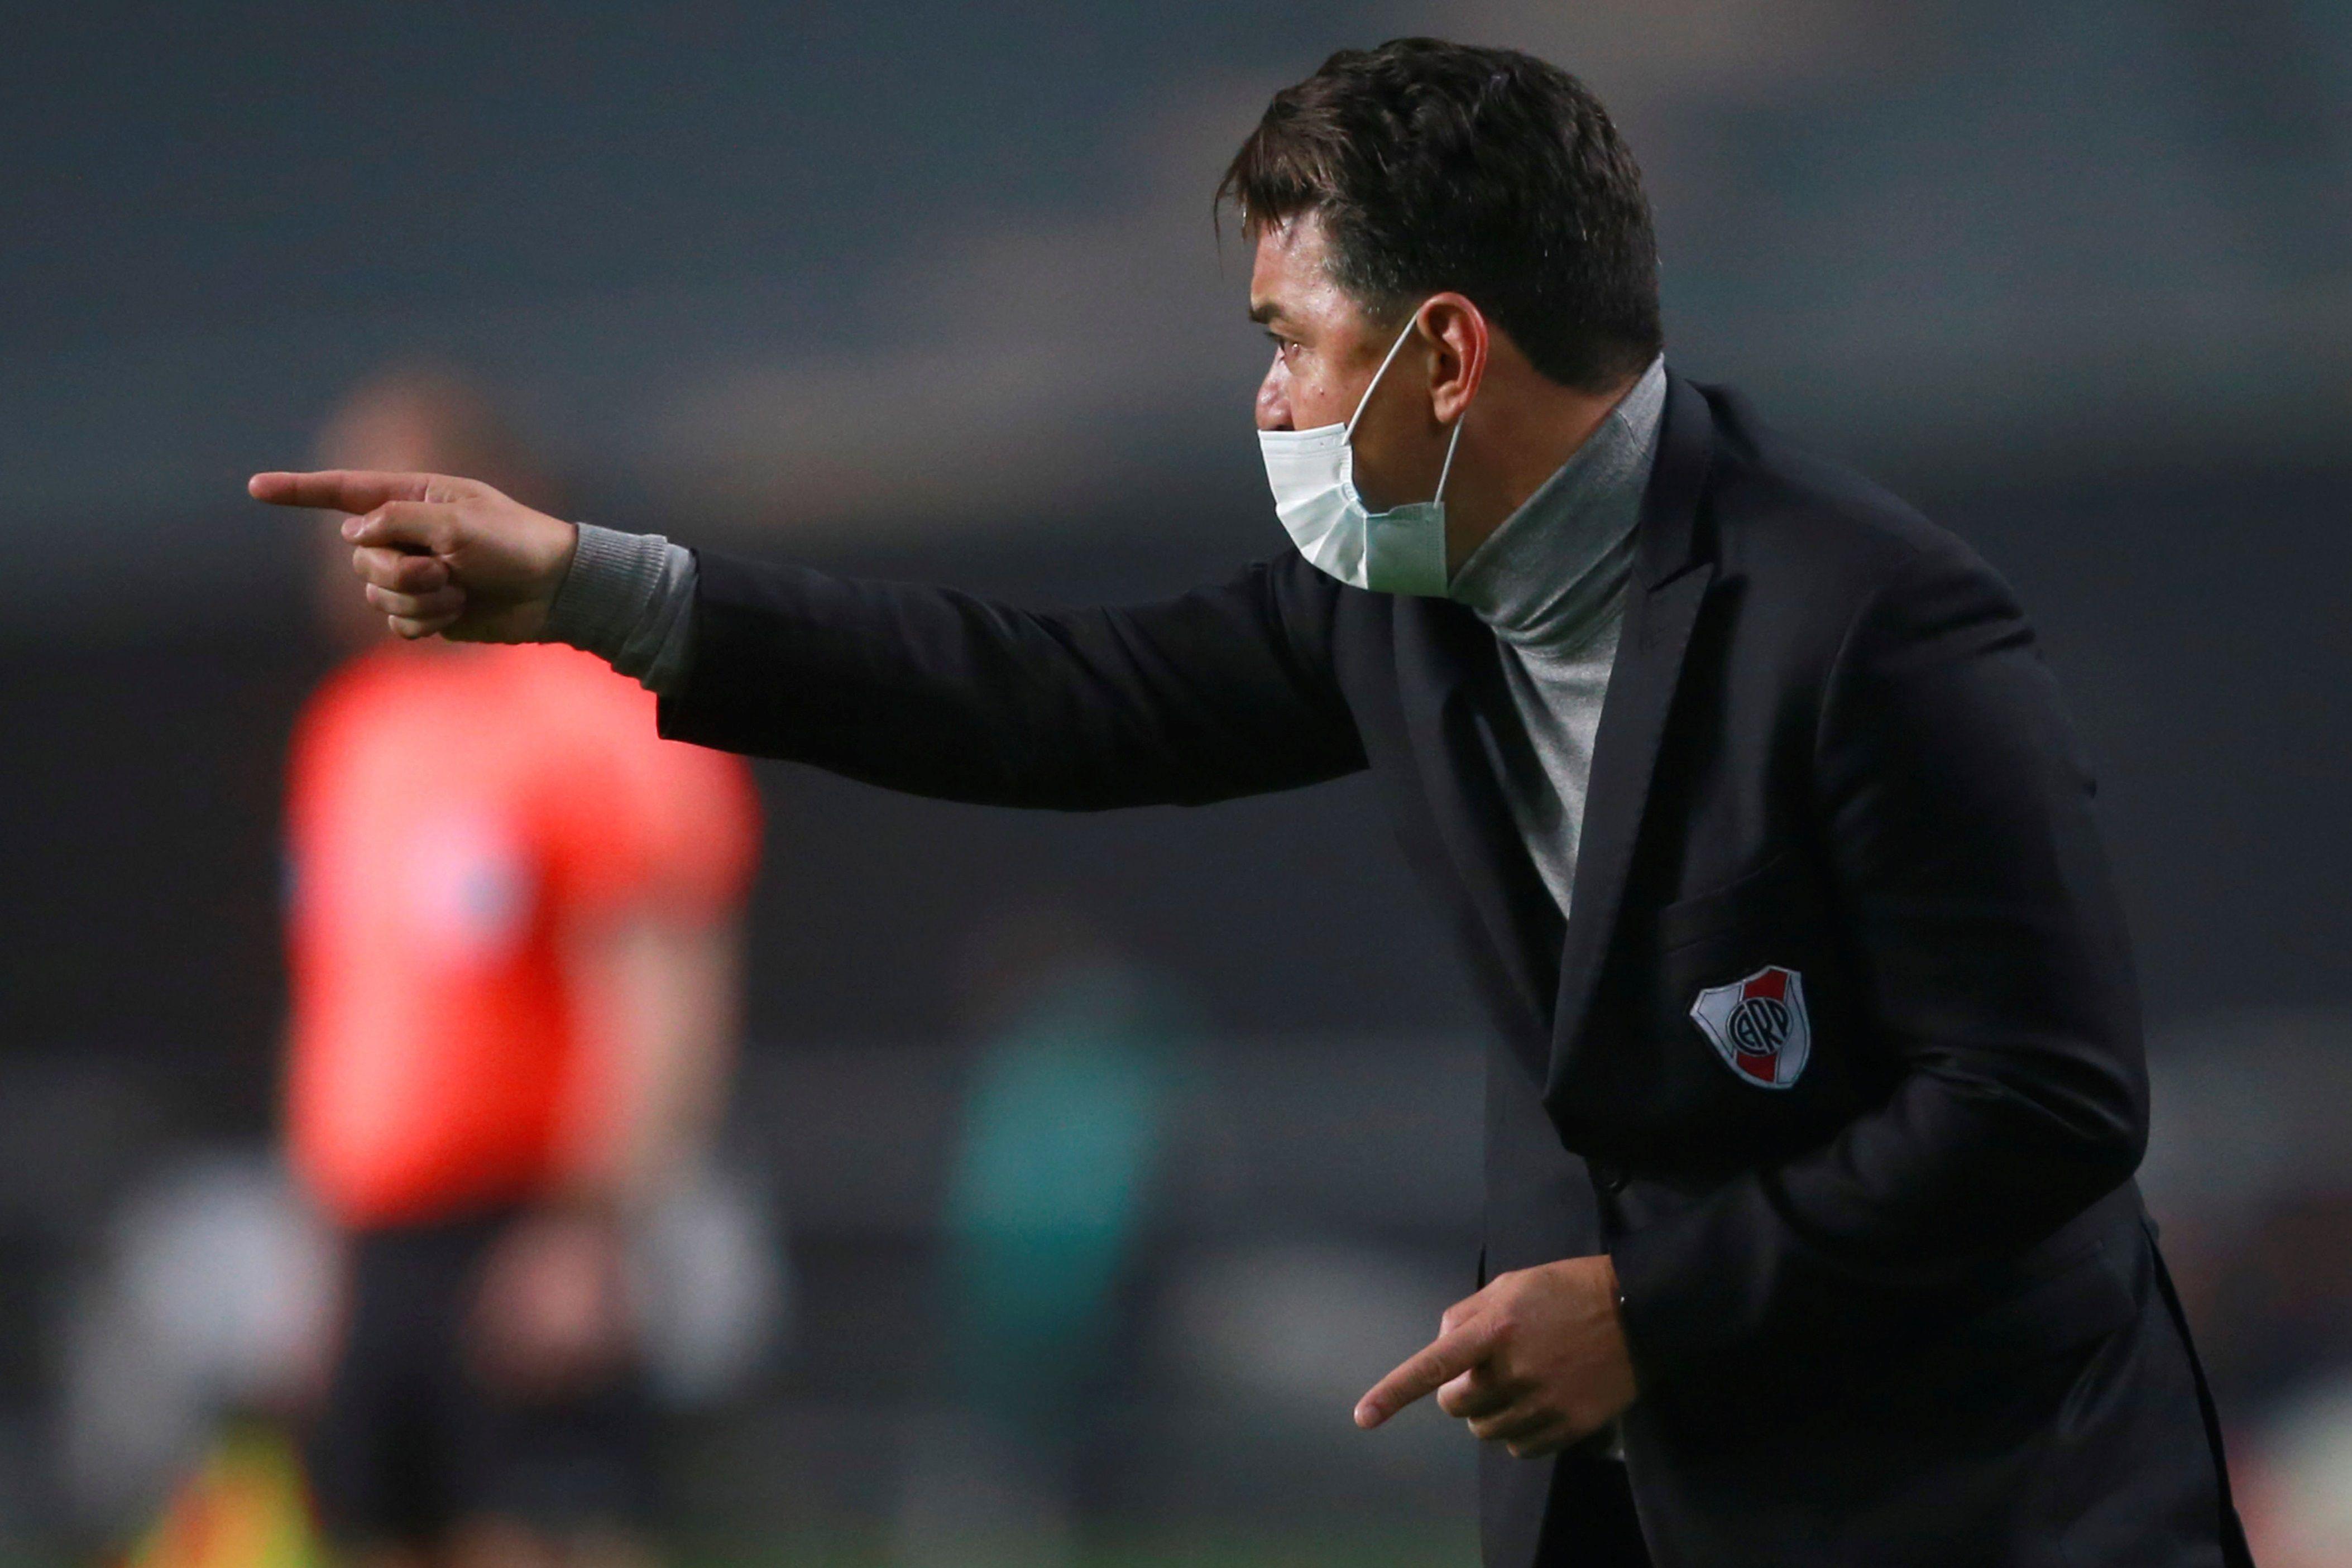 El entrenador de River Marcelo Gallardo. EFE/Demian Alday Estevez POOL/Archivo